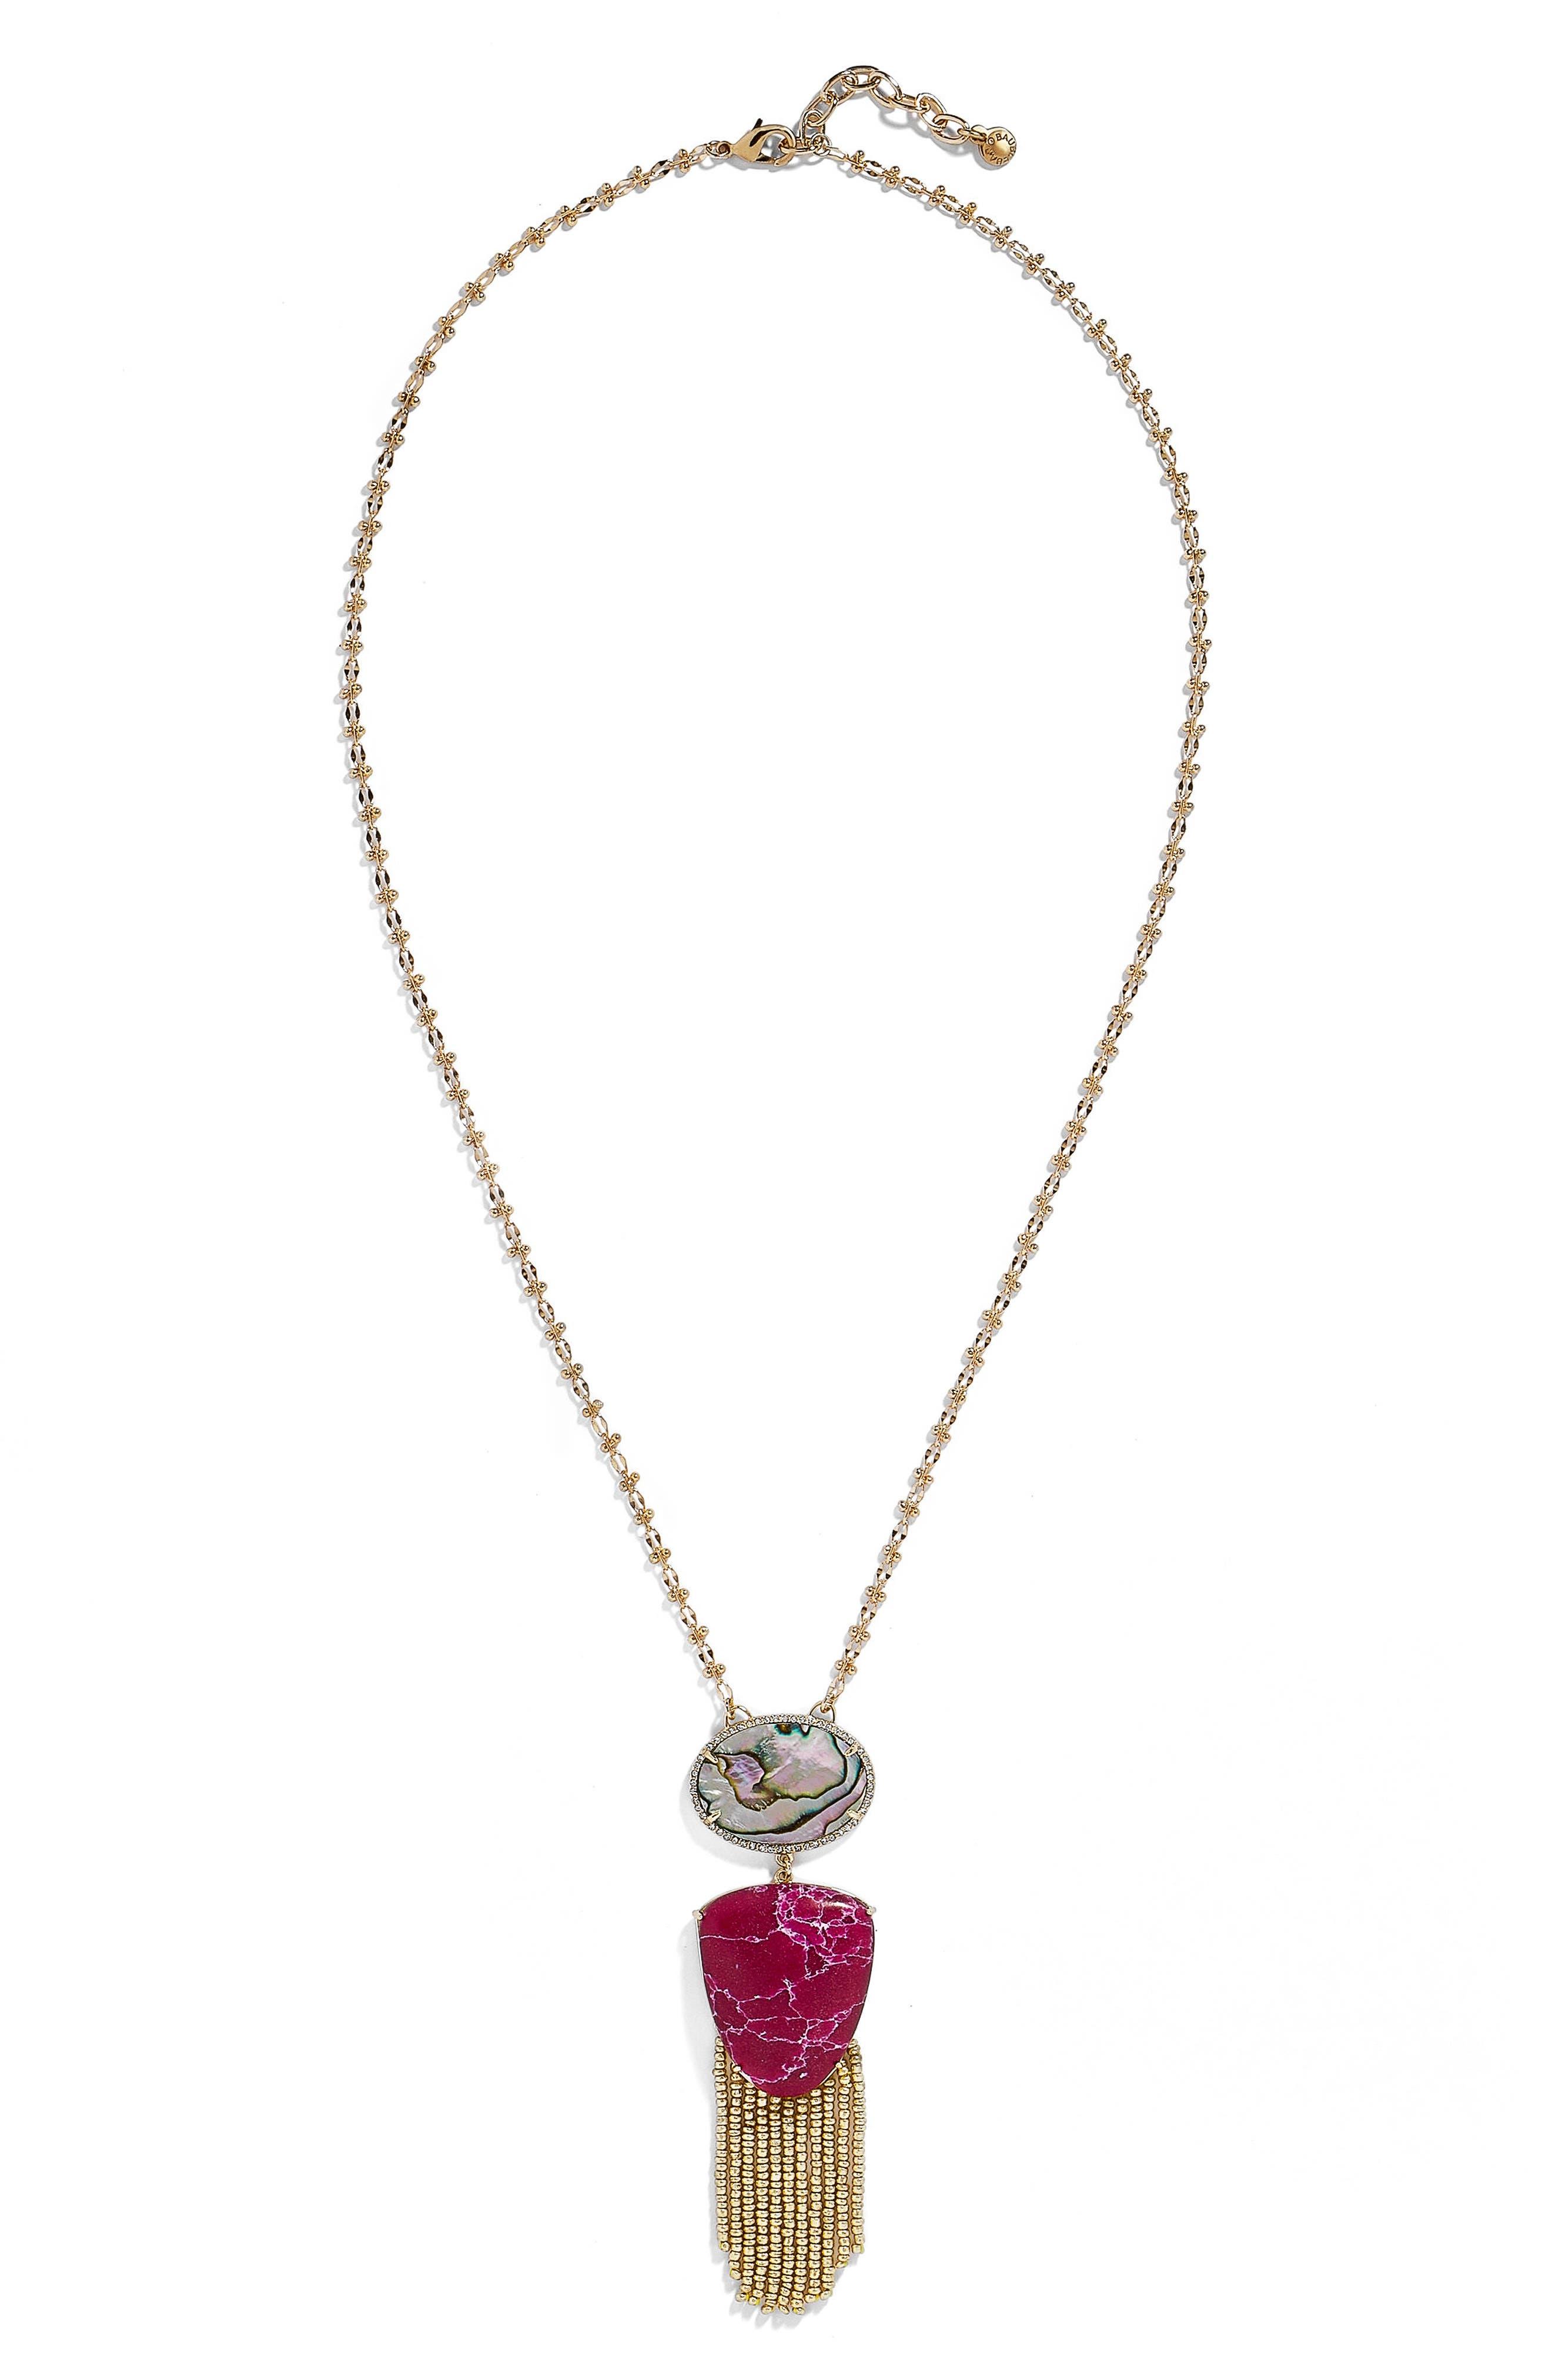 Moonglow Fringe Abalone Pendant Necklace,                         Main,                         color, Fuchsia/ Abalone